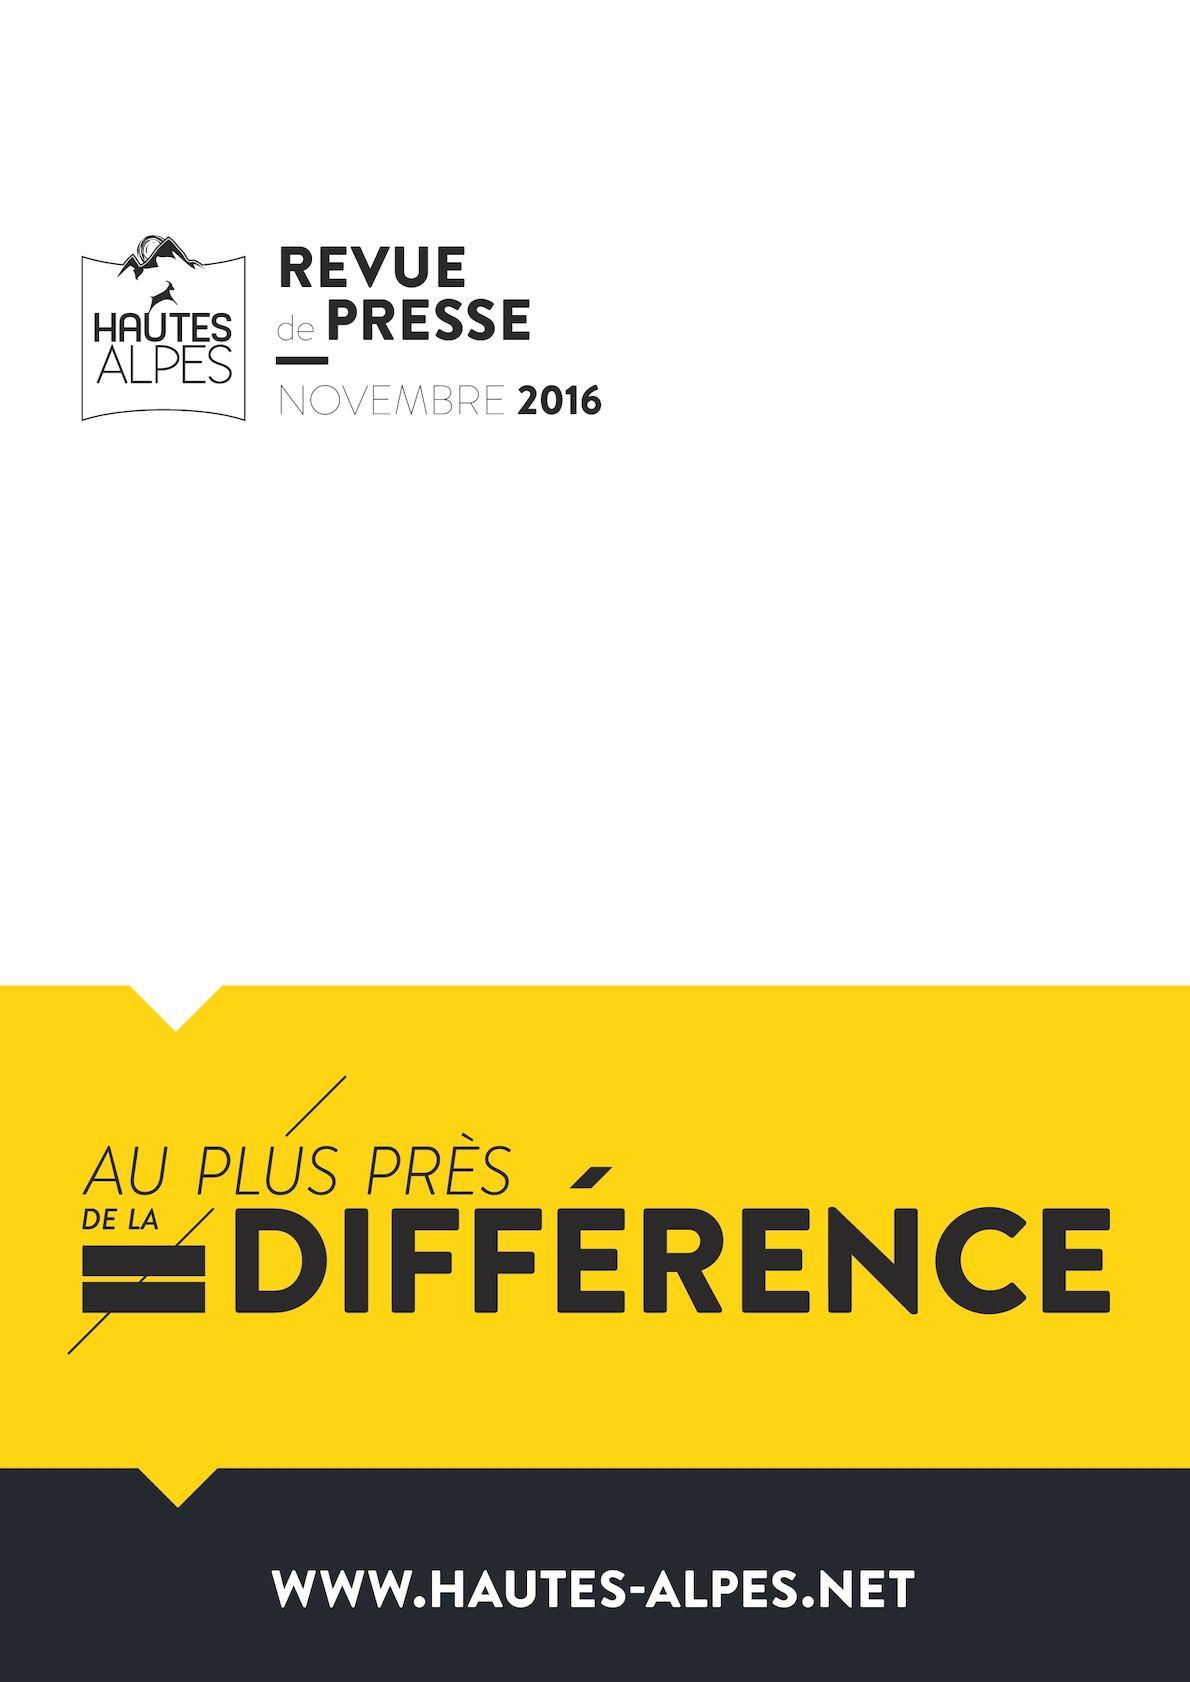 640f76badad60 Calaméo - Revue De Presse Hautes-Alpes Novembre 2016